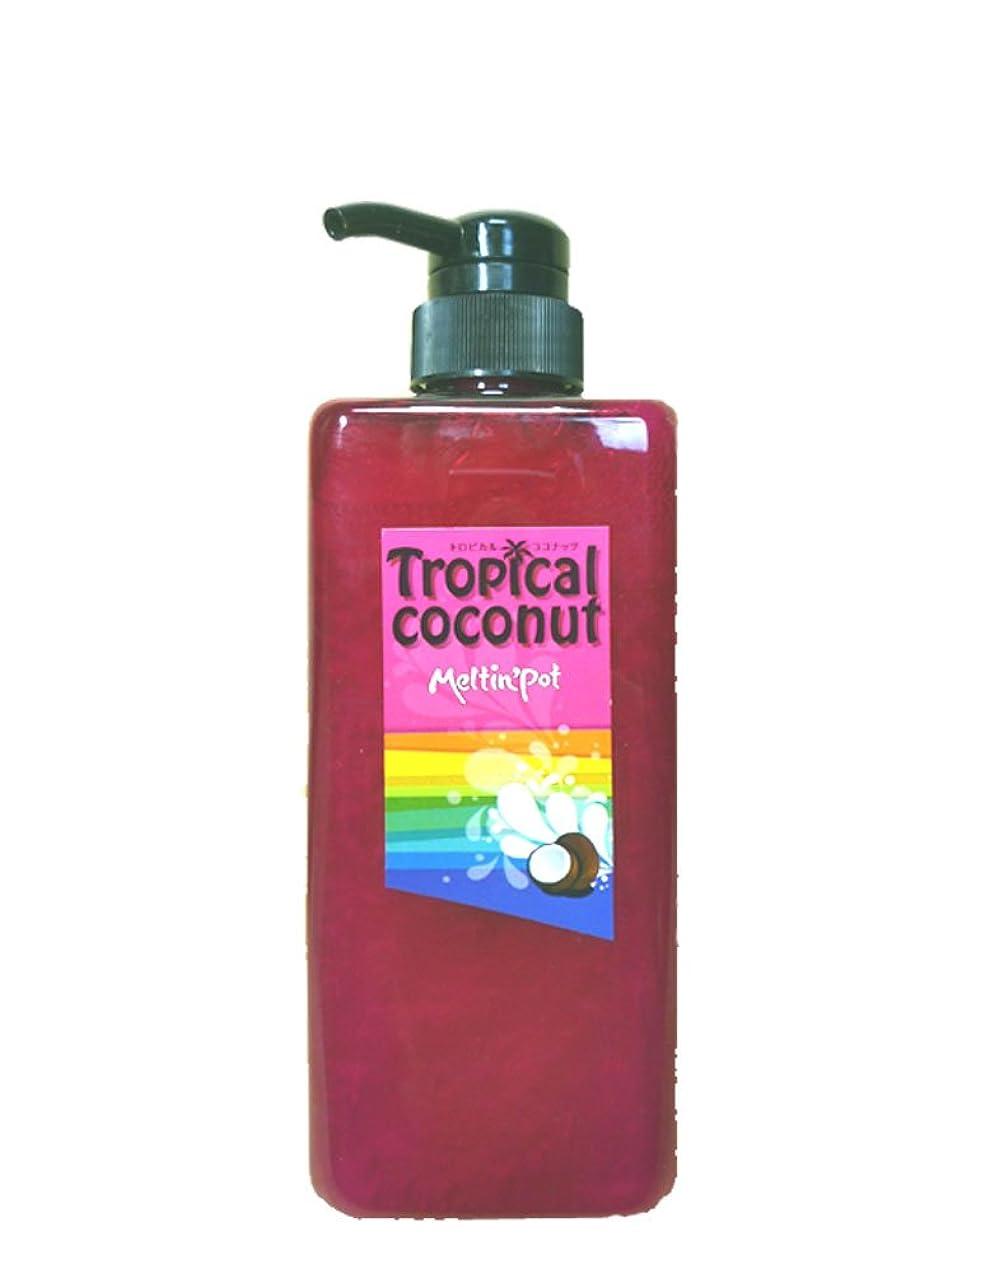 そよ風生きているバリケードトロピカルココナッツ シャンプー 600ml  Tropical coconut shampoo